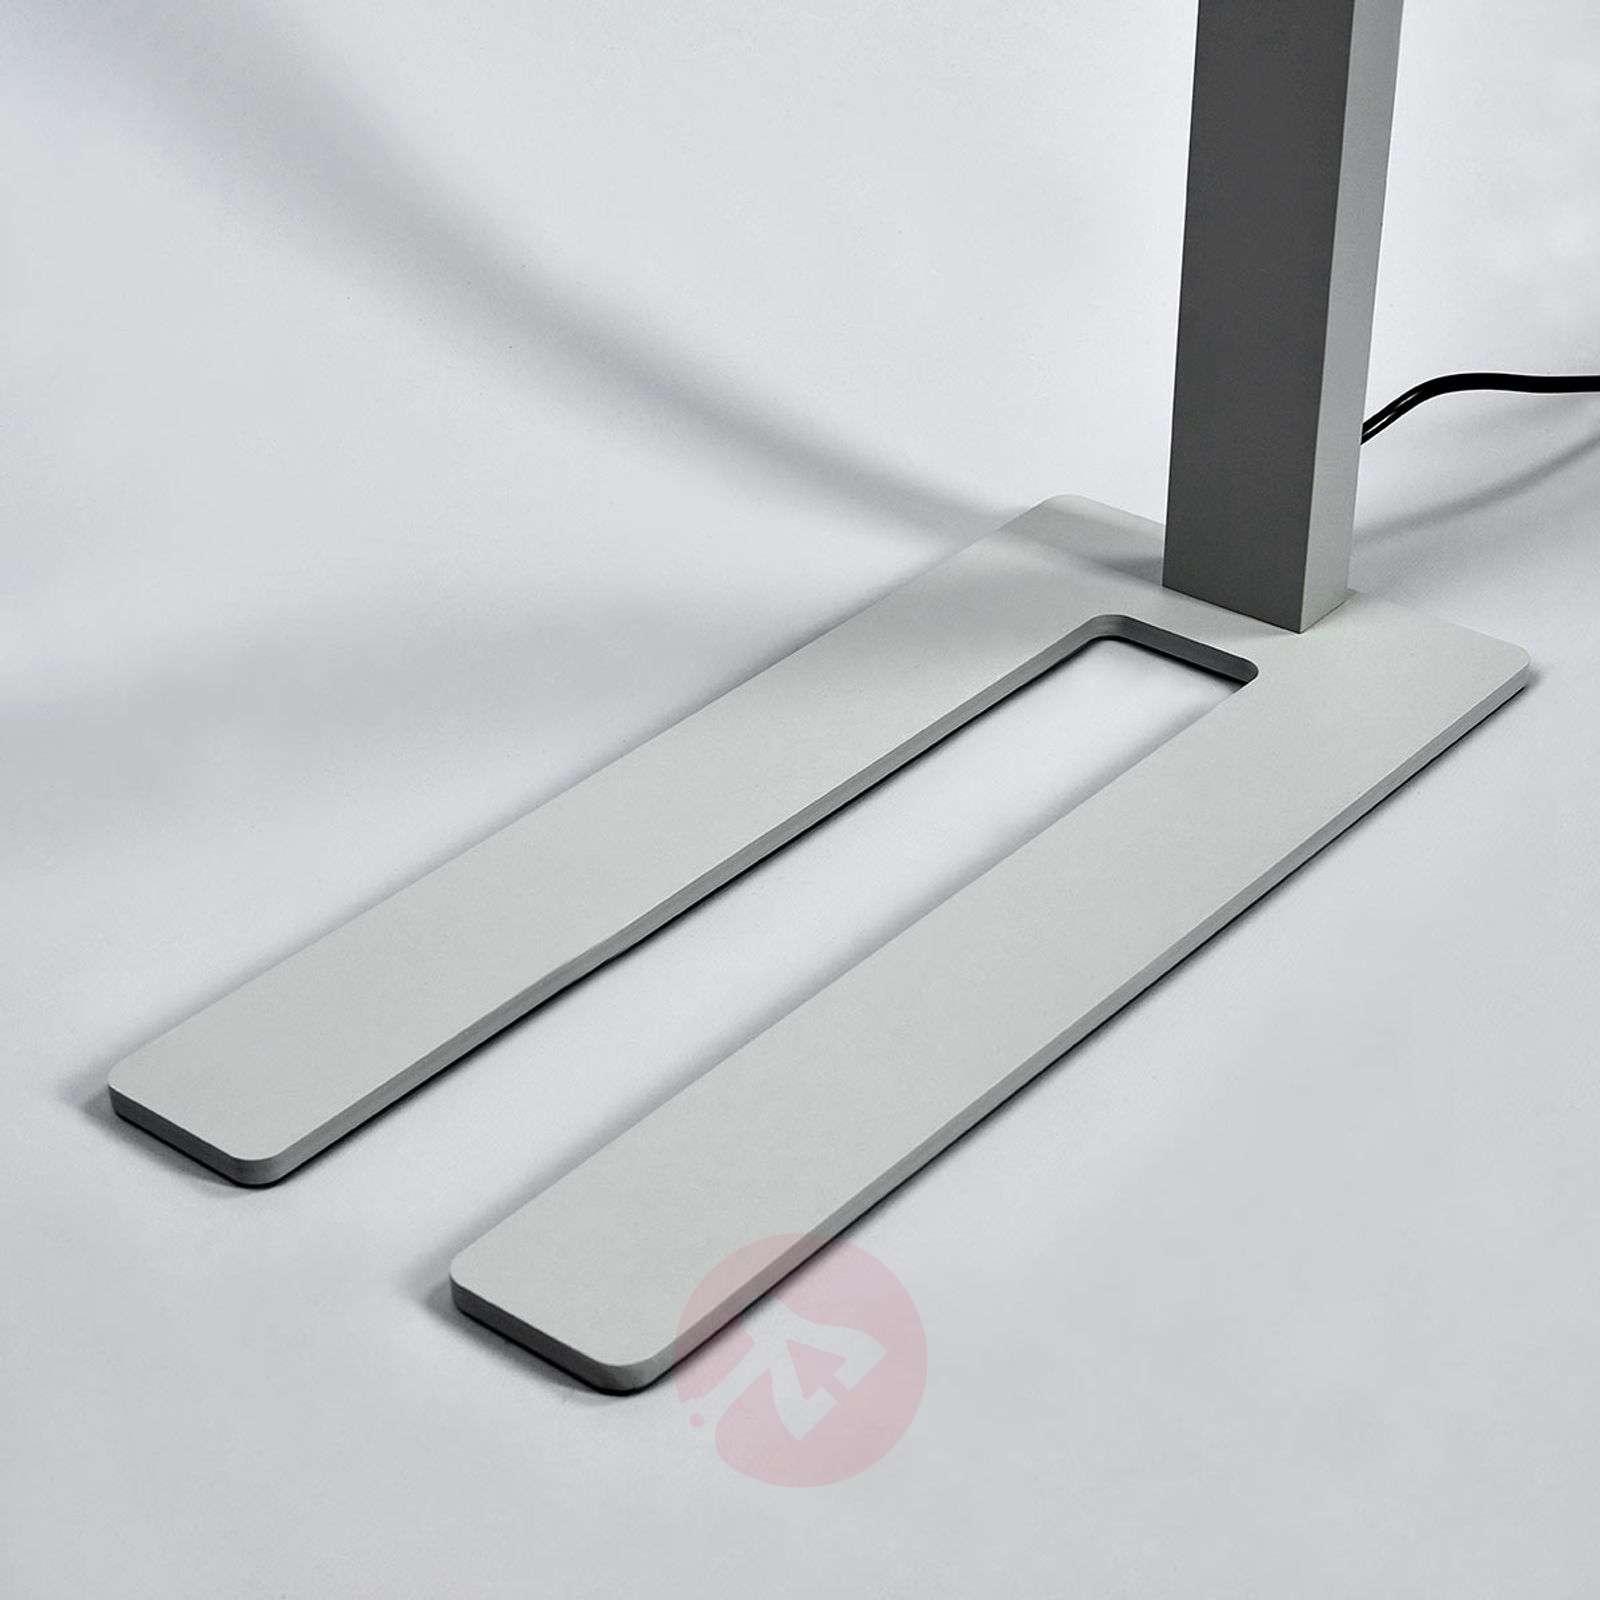 LED-toimistolattiavalo, sääd. valoväri, tunnist.-9968024-01